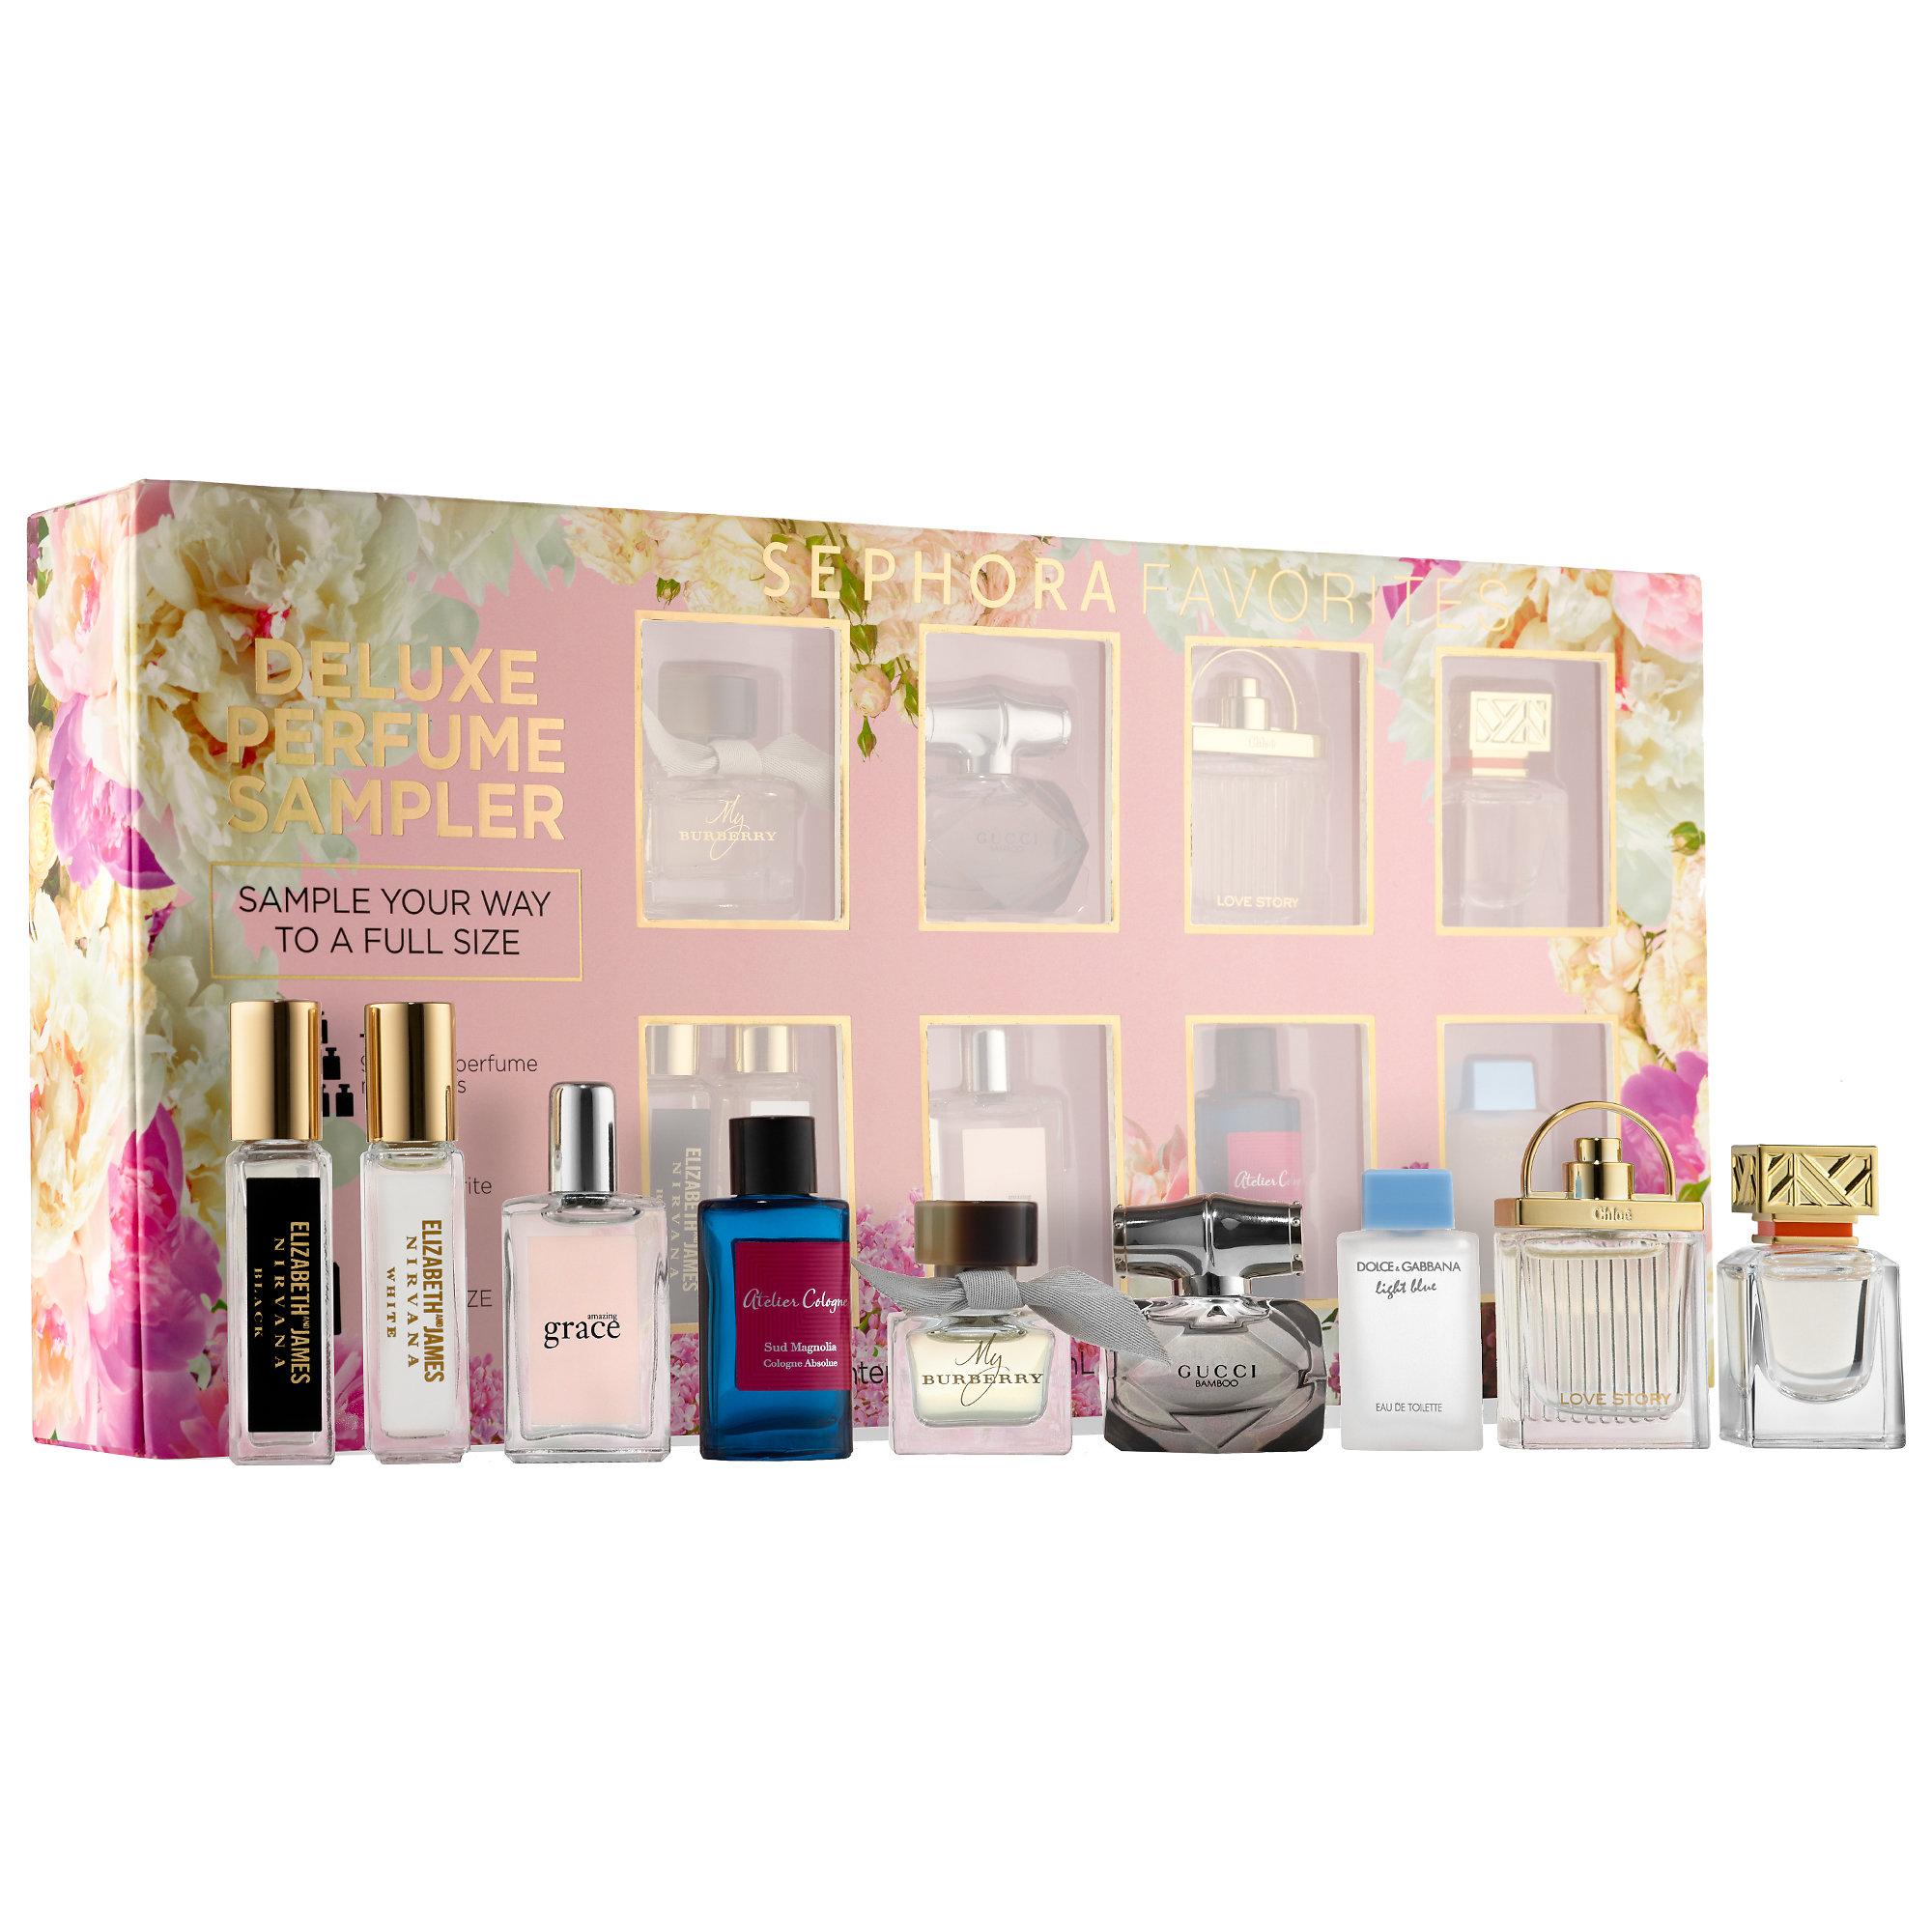 Sephora Deluxe Perfume Sampler